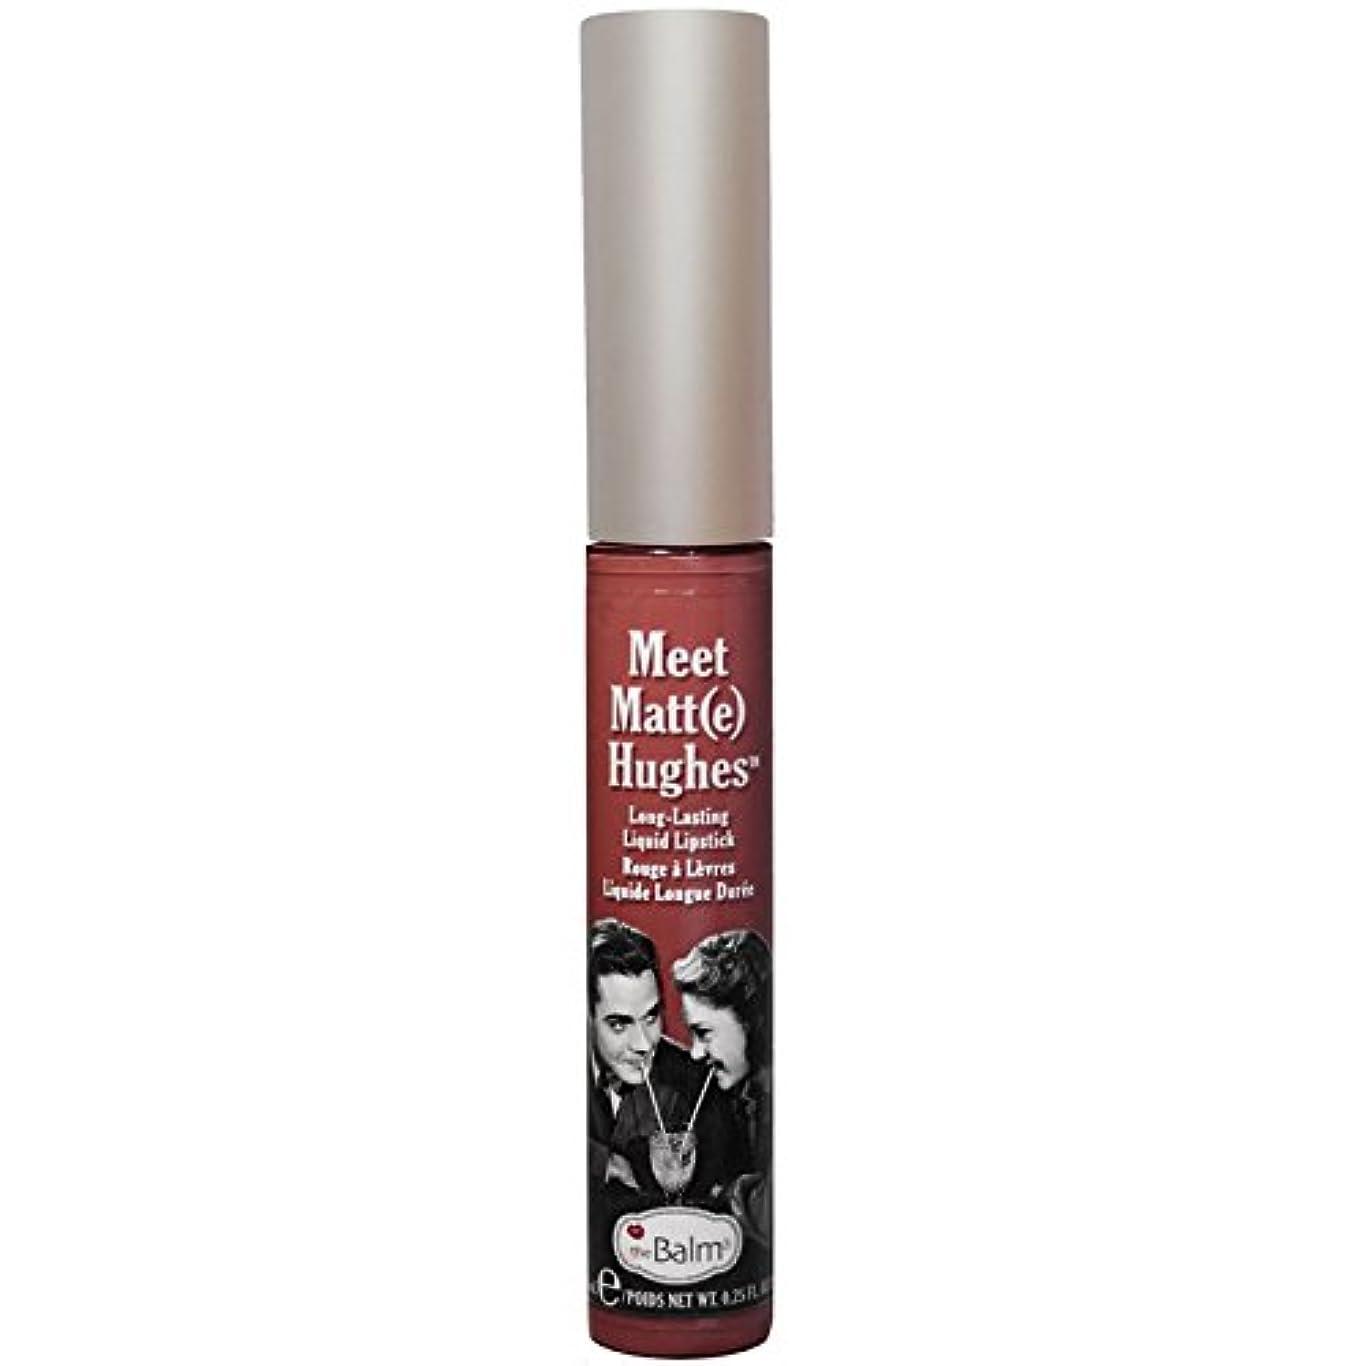 十代の若者たち発掘貴重なtheBalm - Meet Matt(e) Hughes Long-Lasting Liquid Lipstick Trustworthy [並行輸入品]